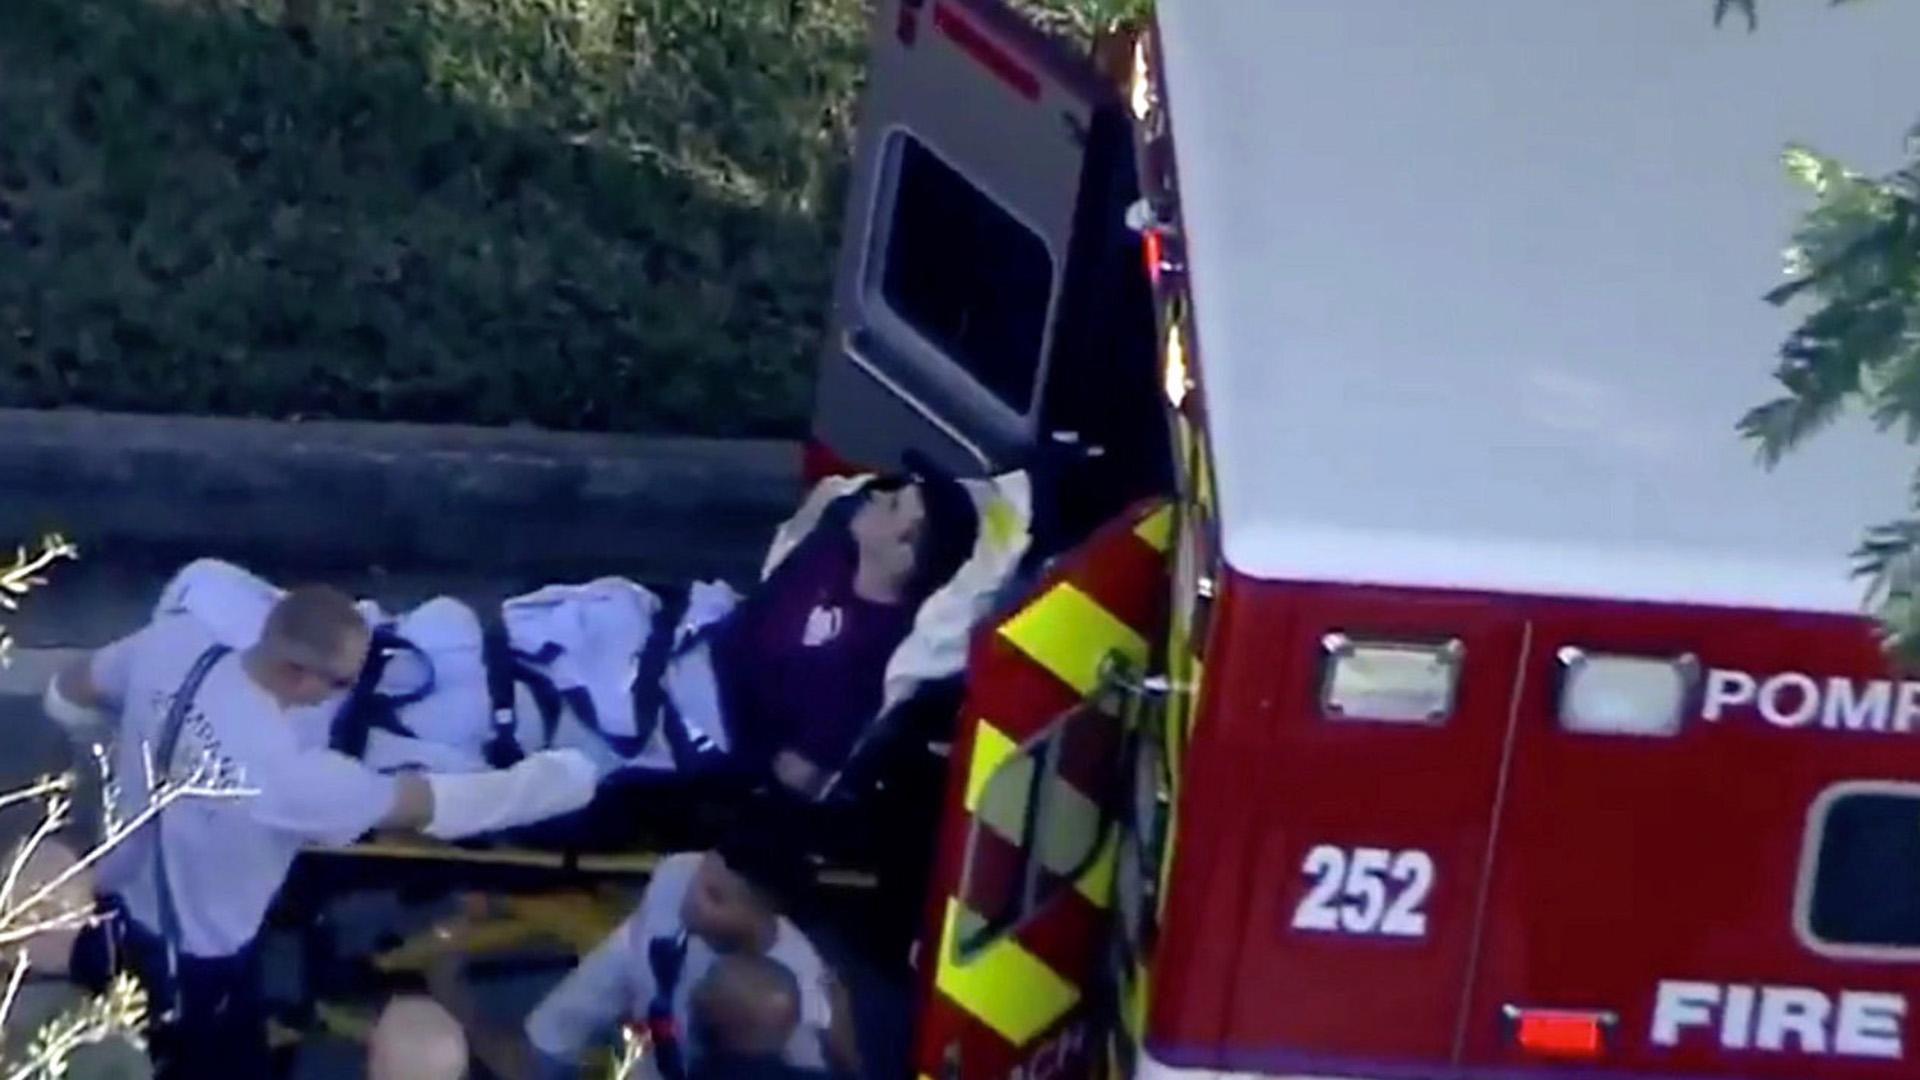 Una víctima de la masacre es trasladado al hospital en un camión de bomberos. (Reuters)